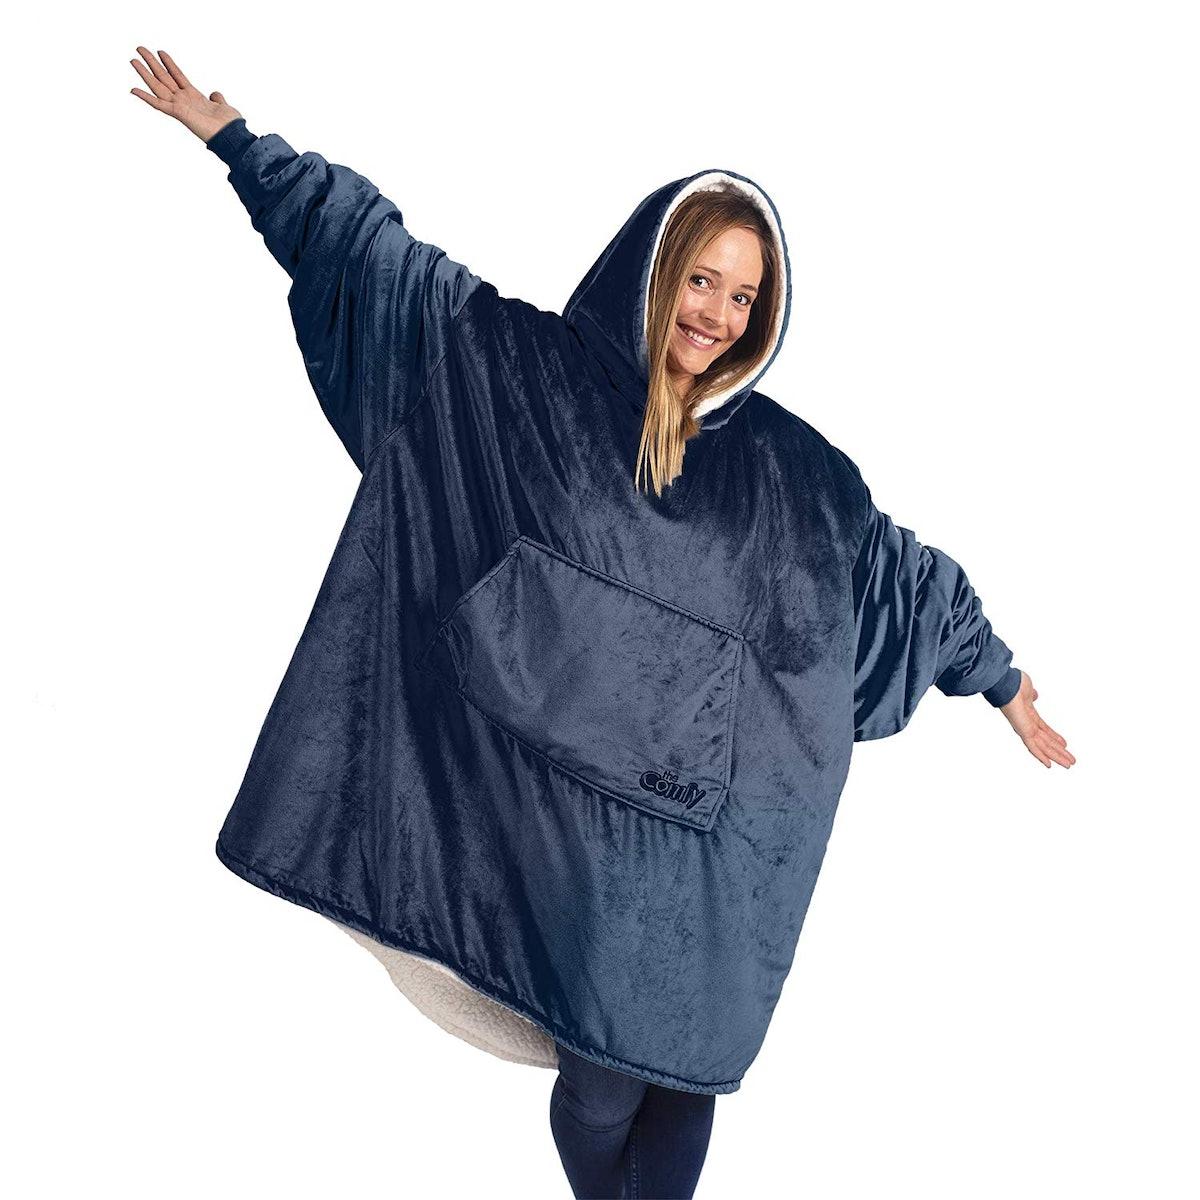 The Comfy Original Blanket Sweatshirt